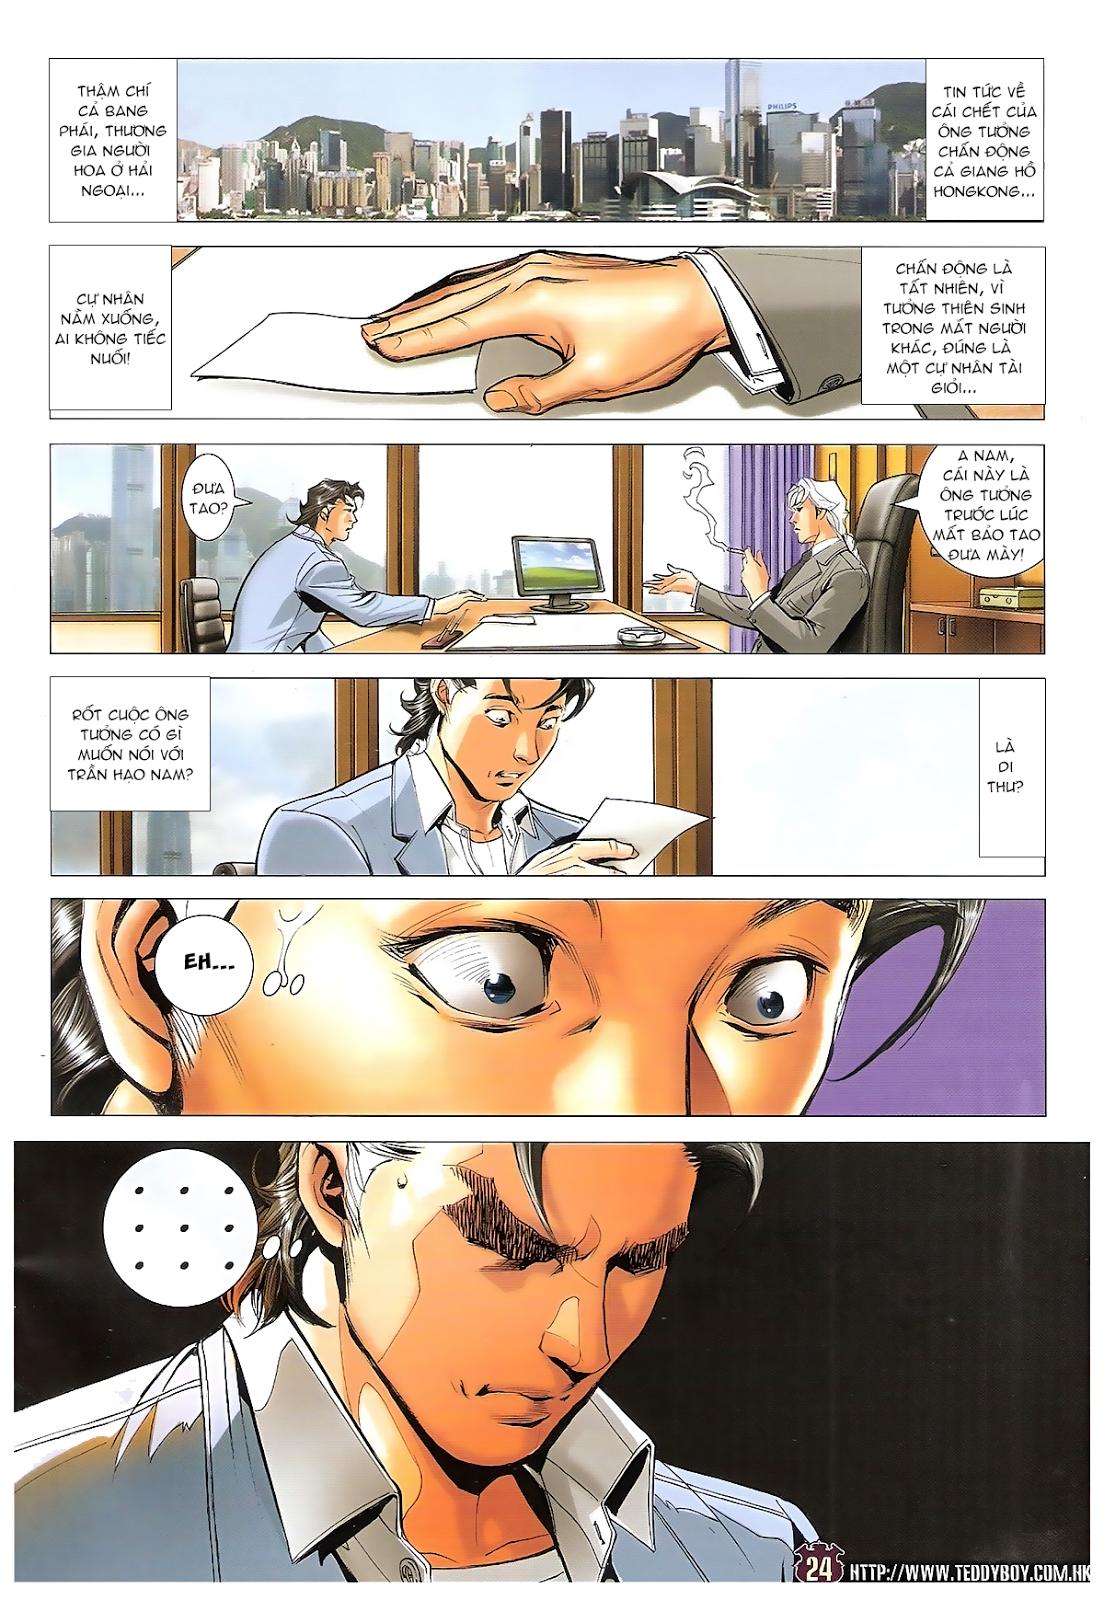 Người Trong Giang Hồ chapter 1657: vĩnh biệt tưởng thiên sinh trang 23